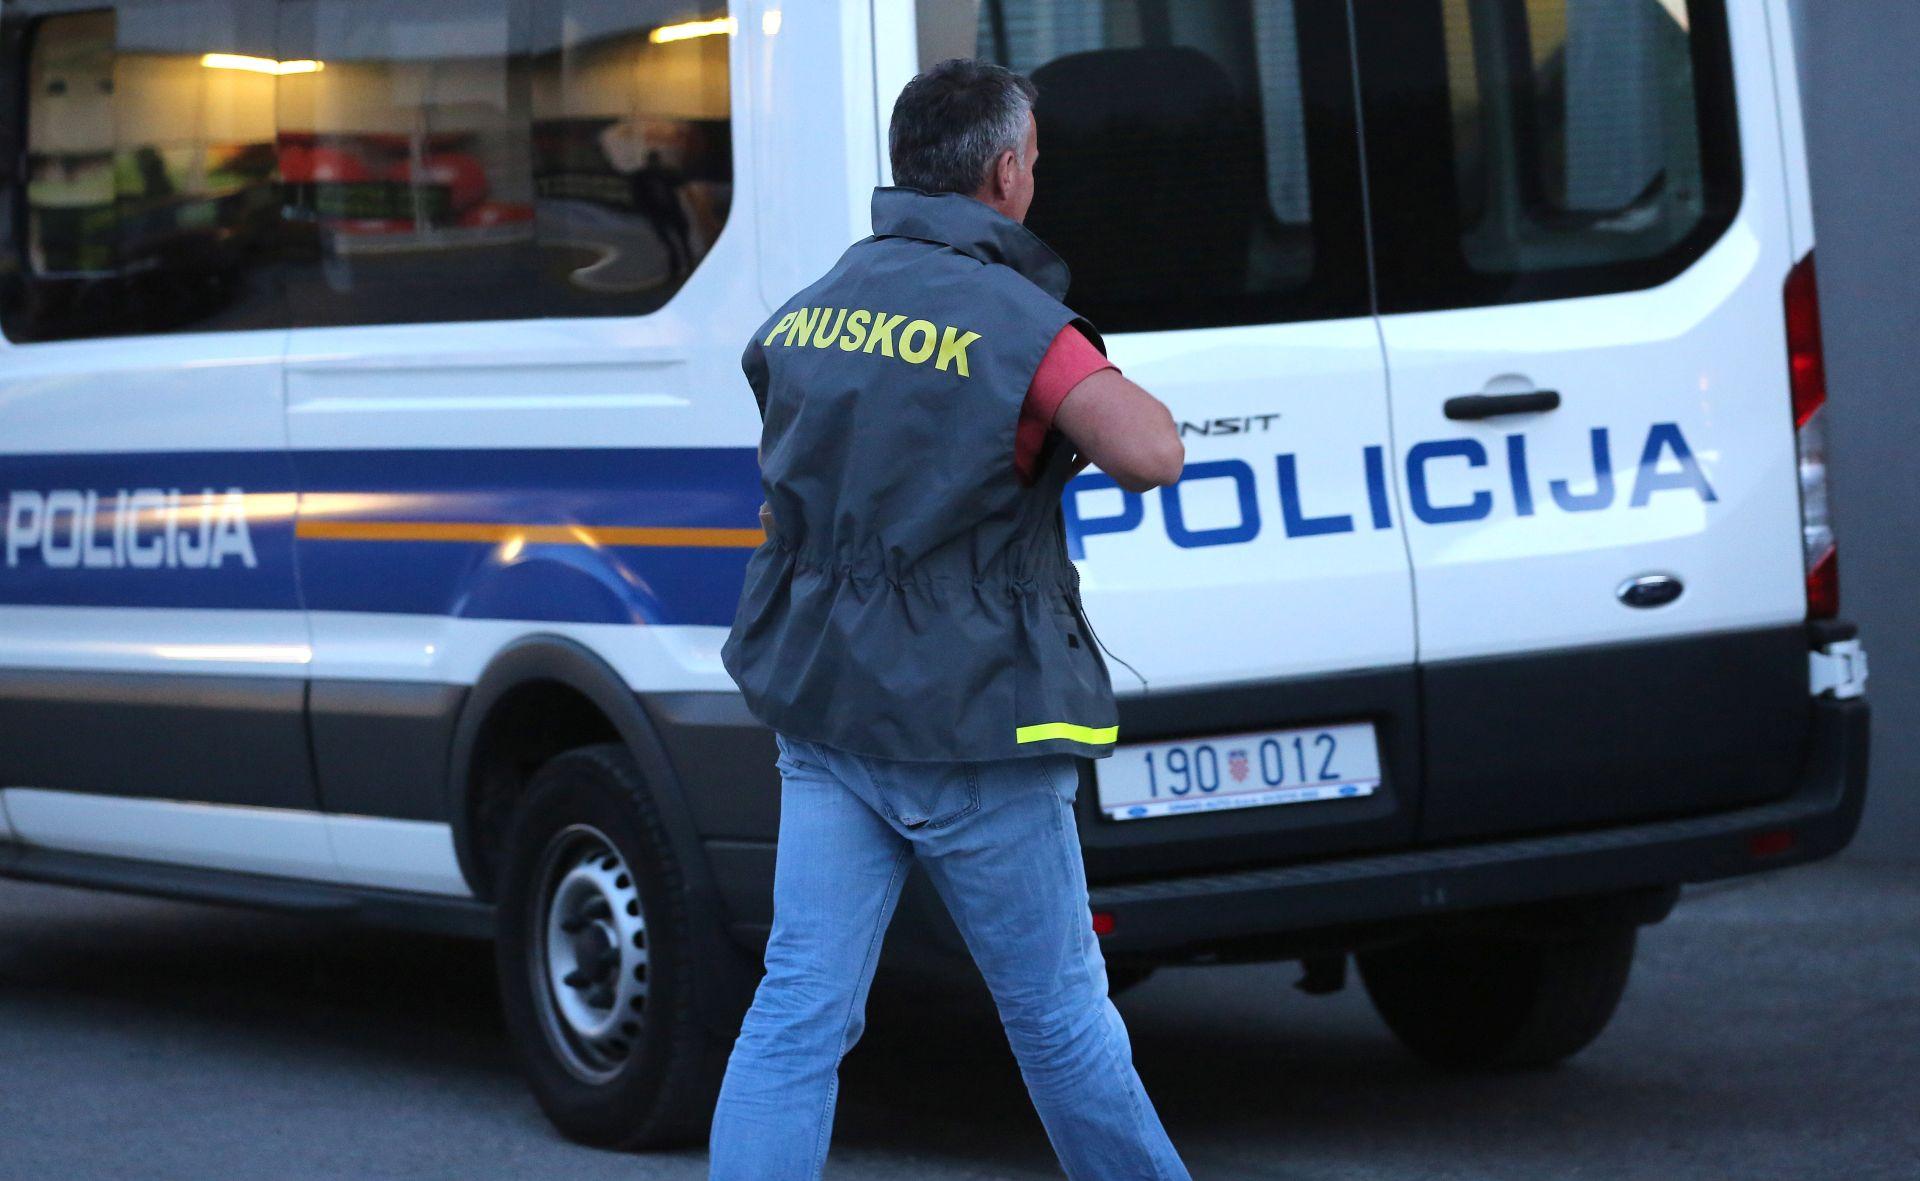 Policija i Uskok razbili lanac krijučarenja migrantima